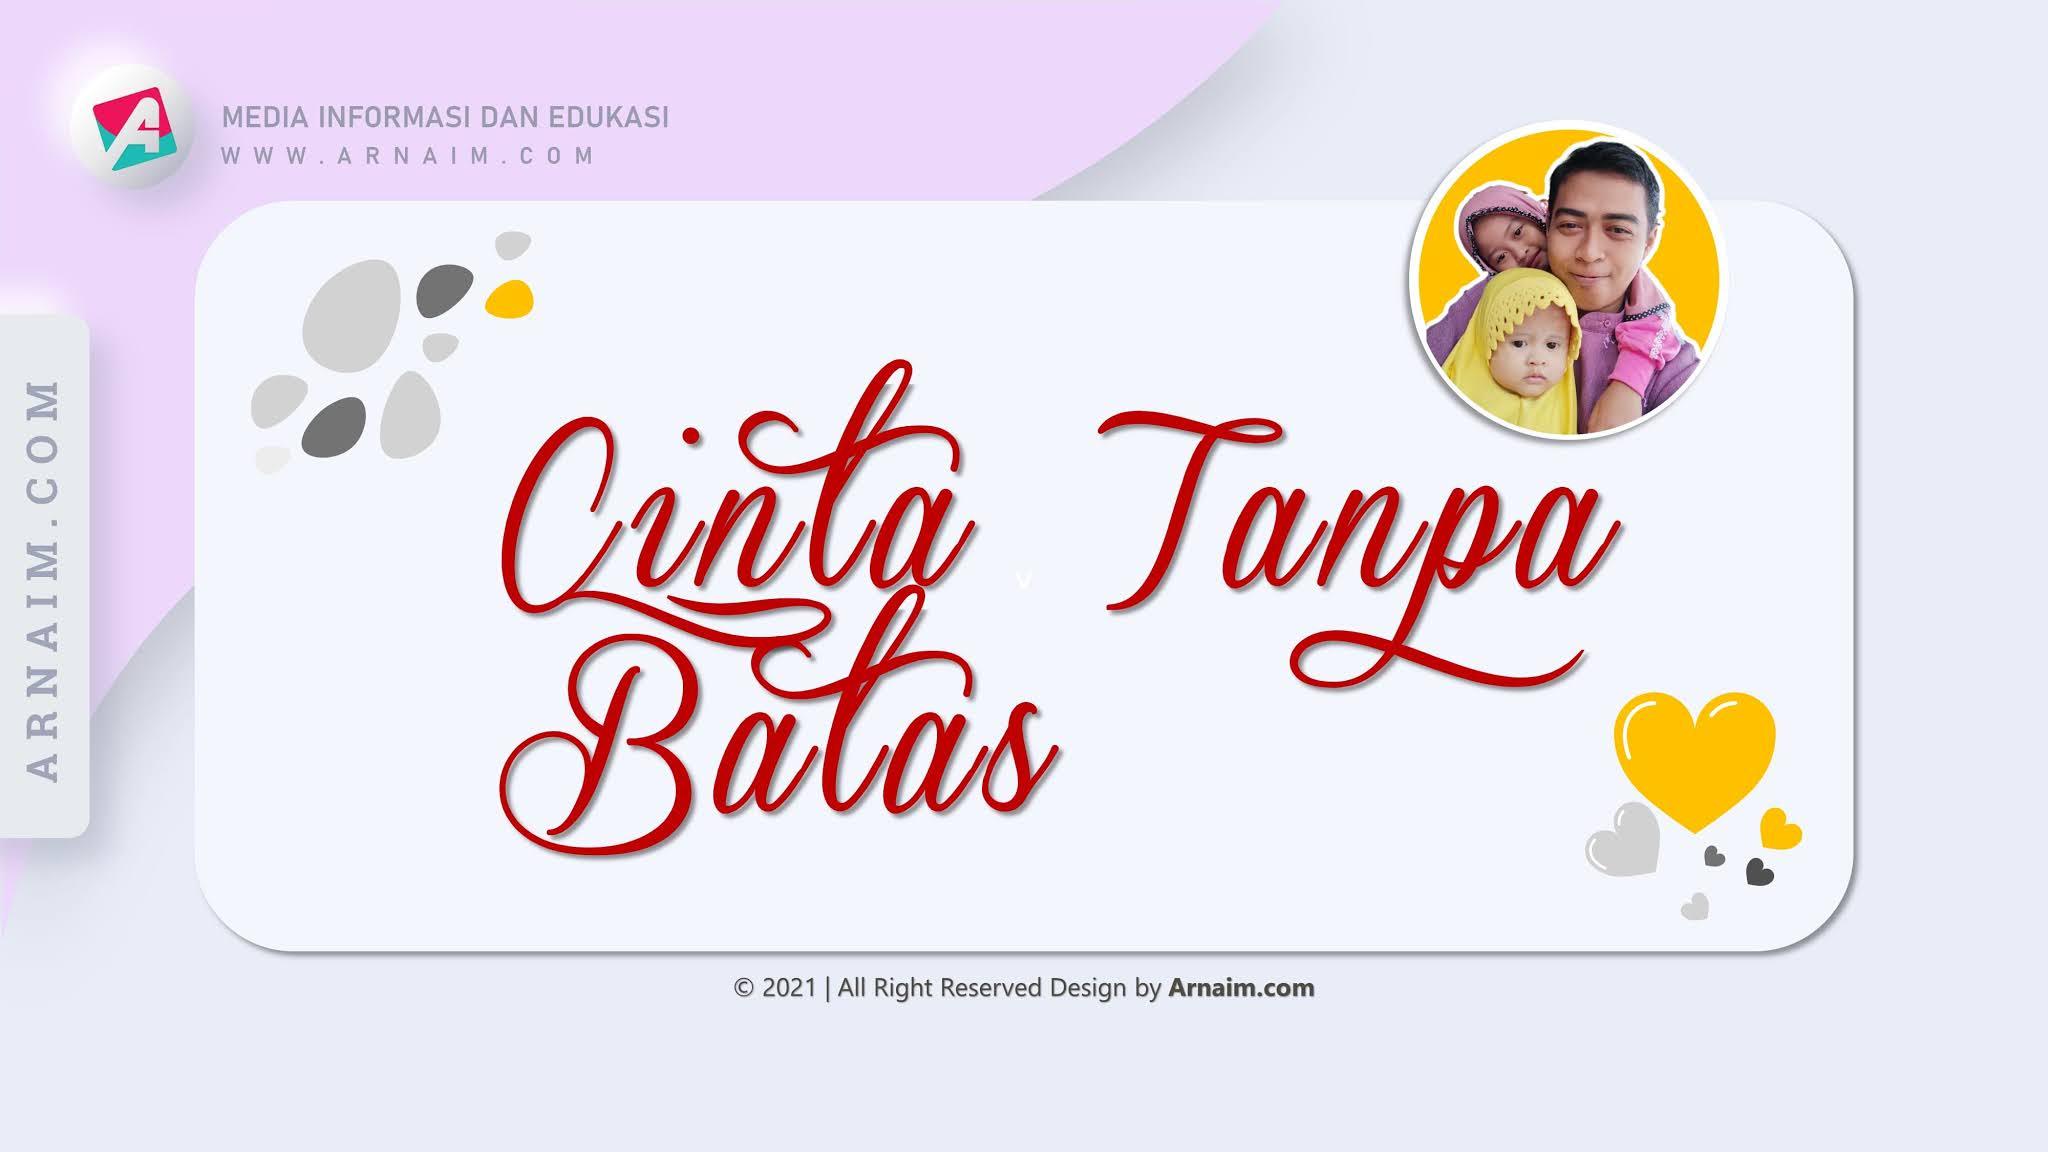 ARNAIM.COM - CINTA TANPA BATAS